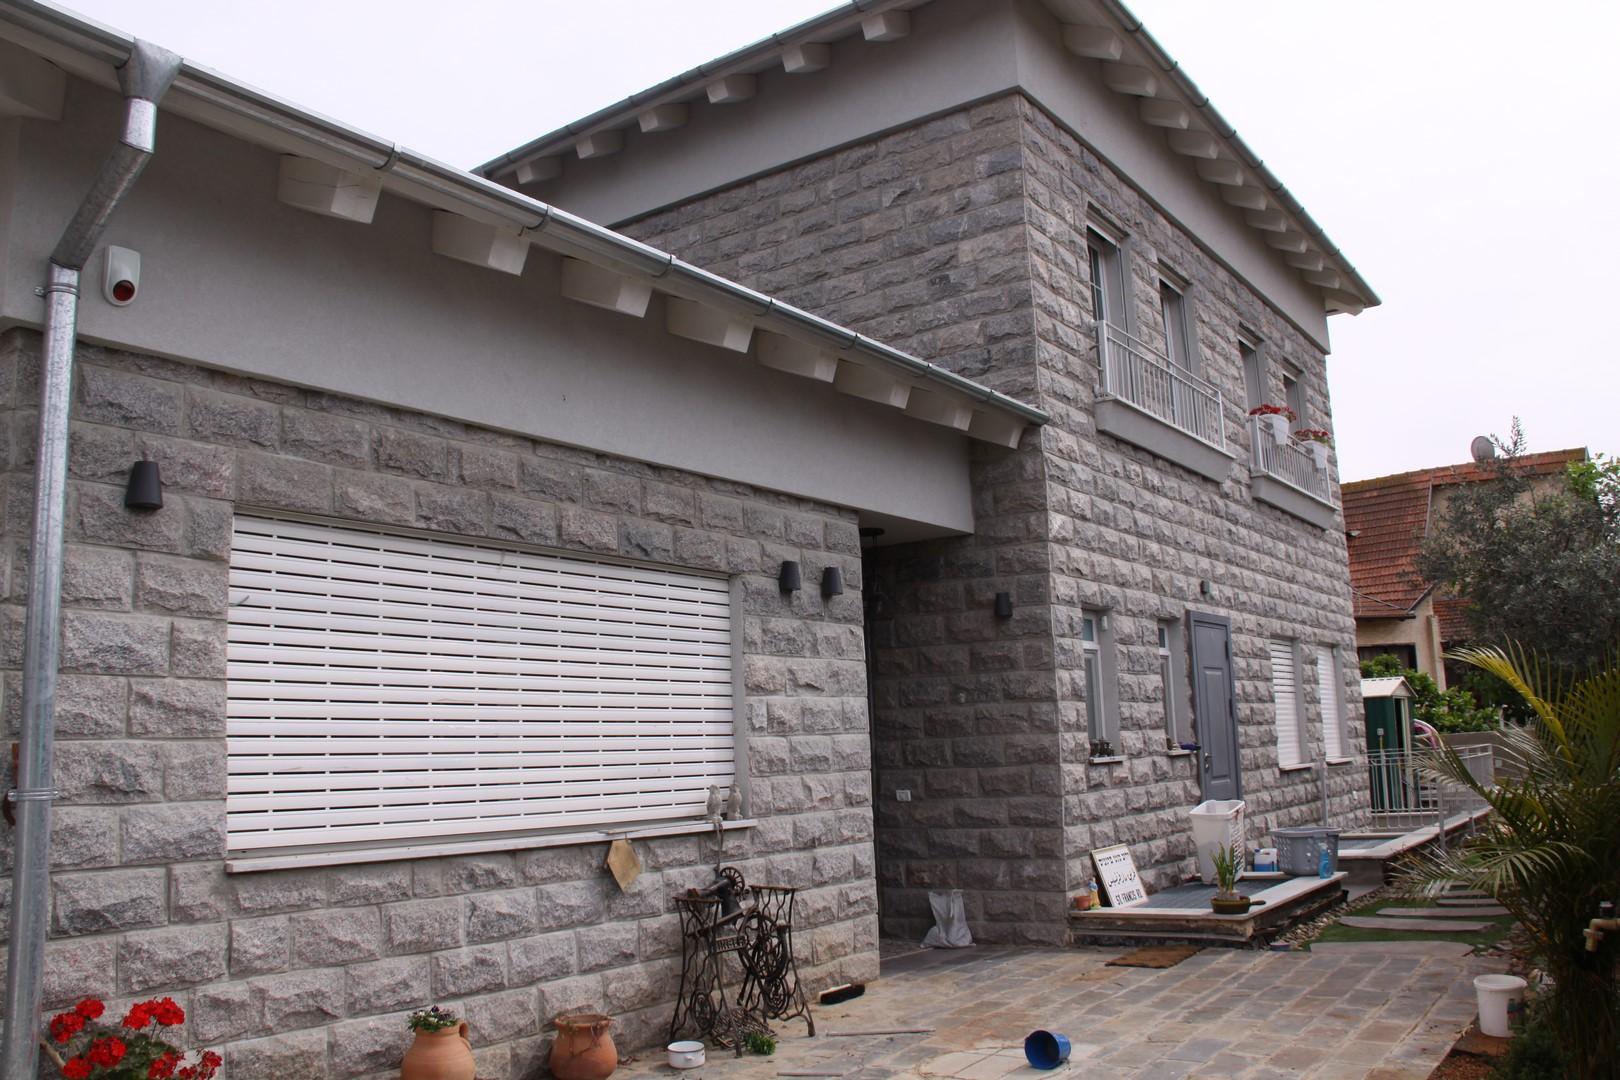 בית שנבנה עם מוצרי בניה מסין